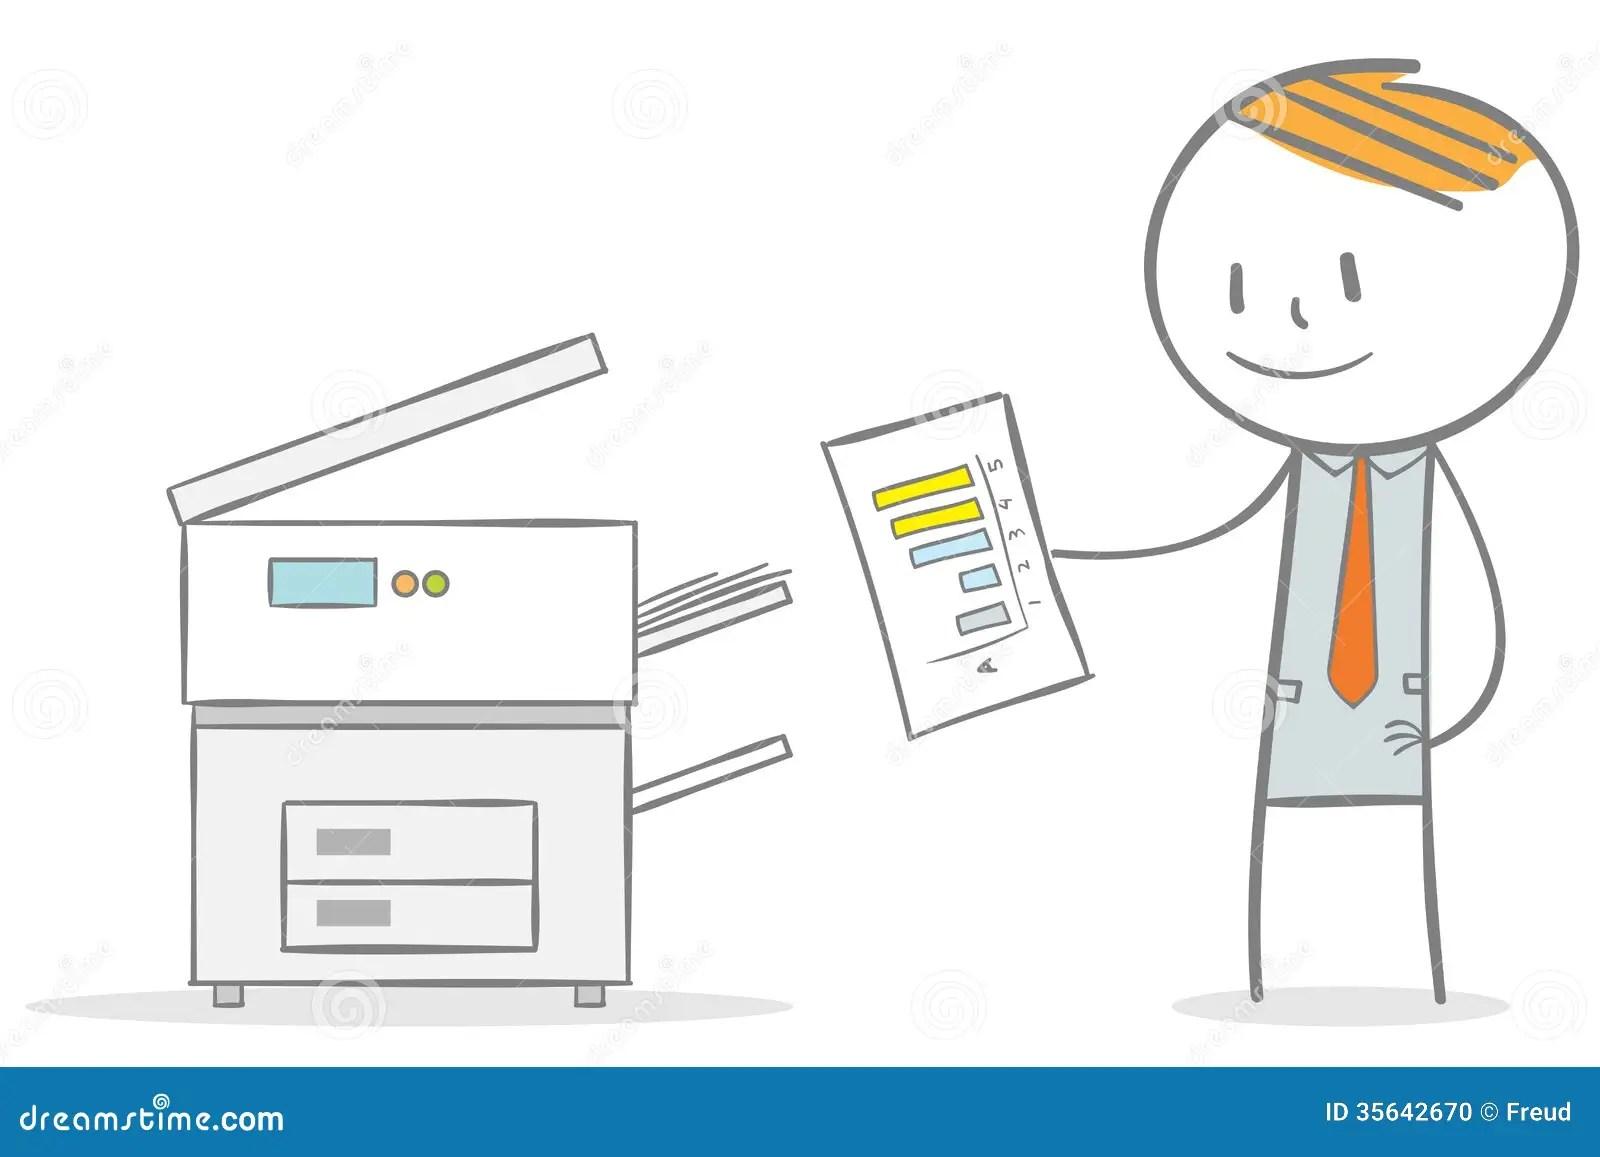 Photocopieur Stock Illustrations Vecteurs Amp Clipart